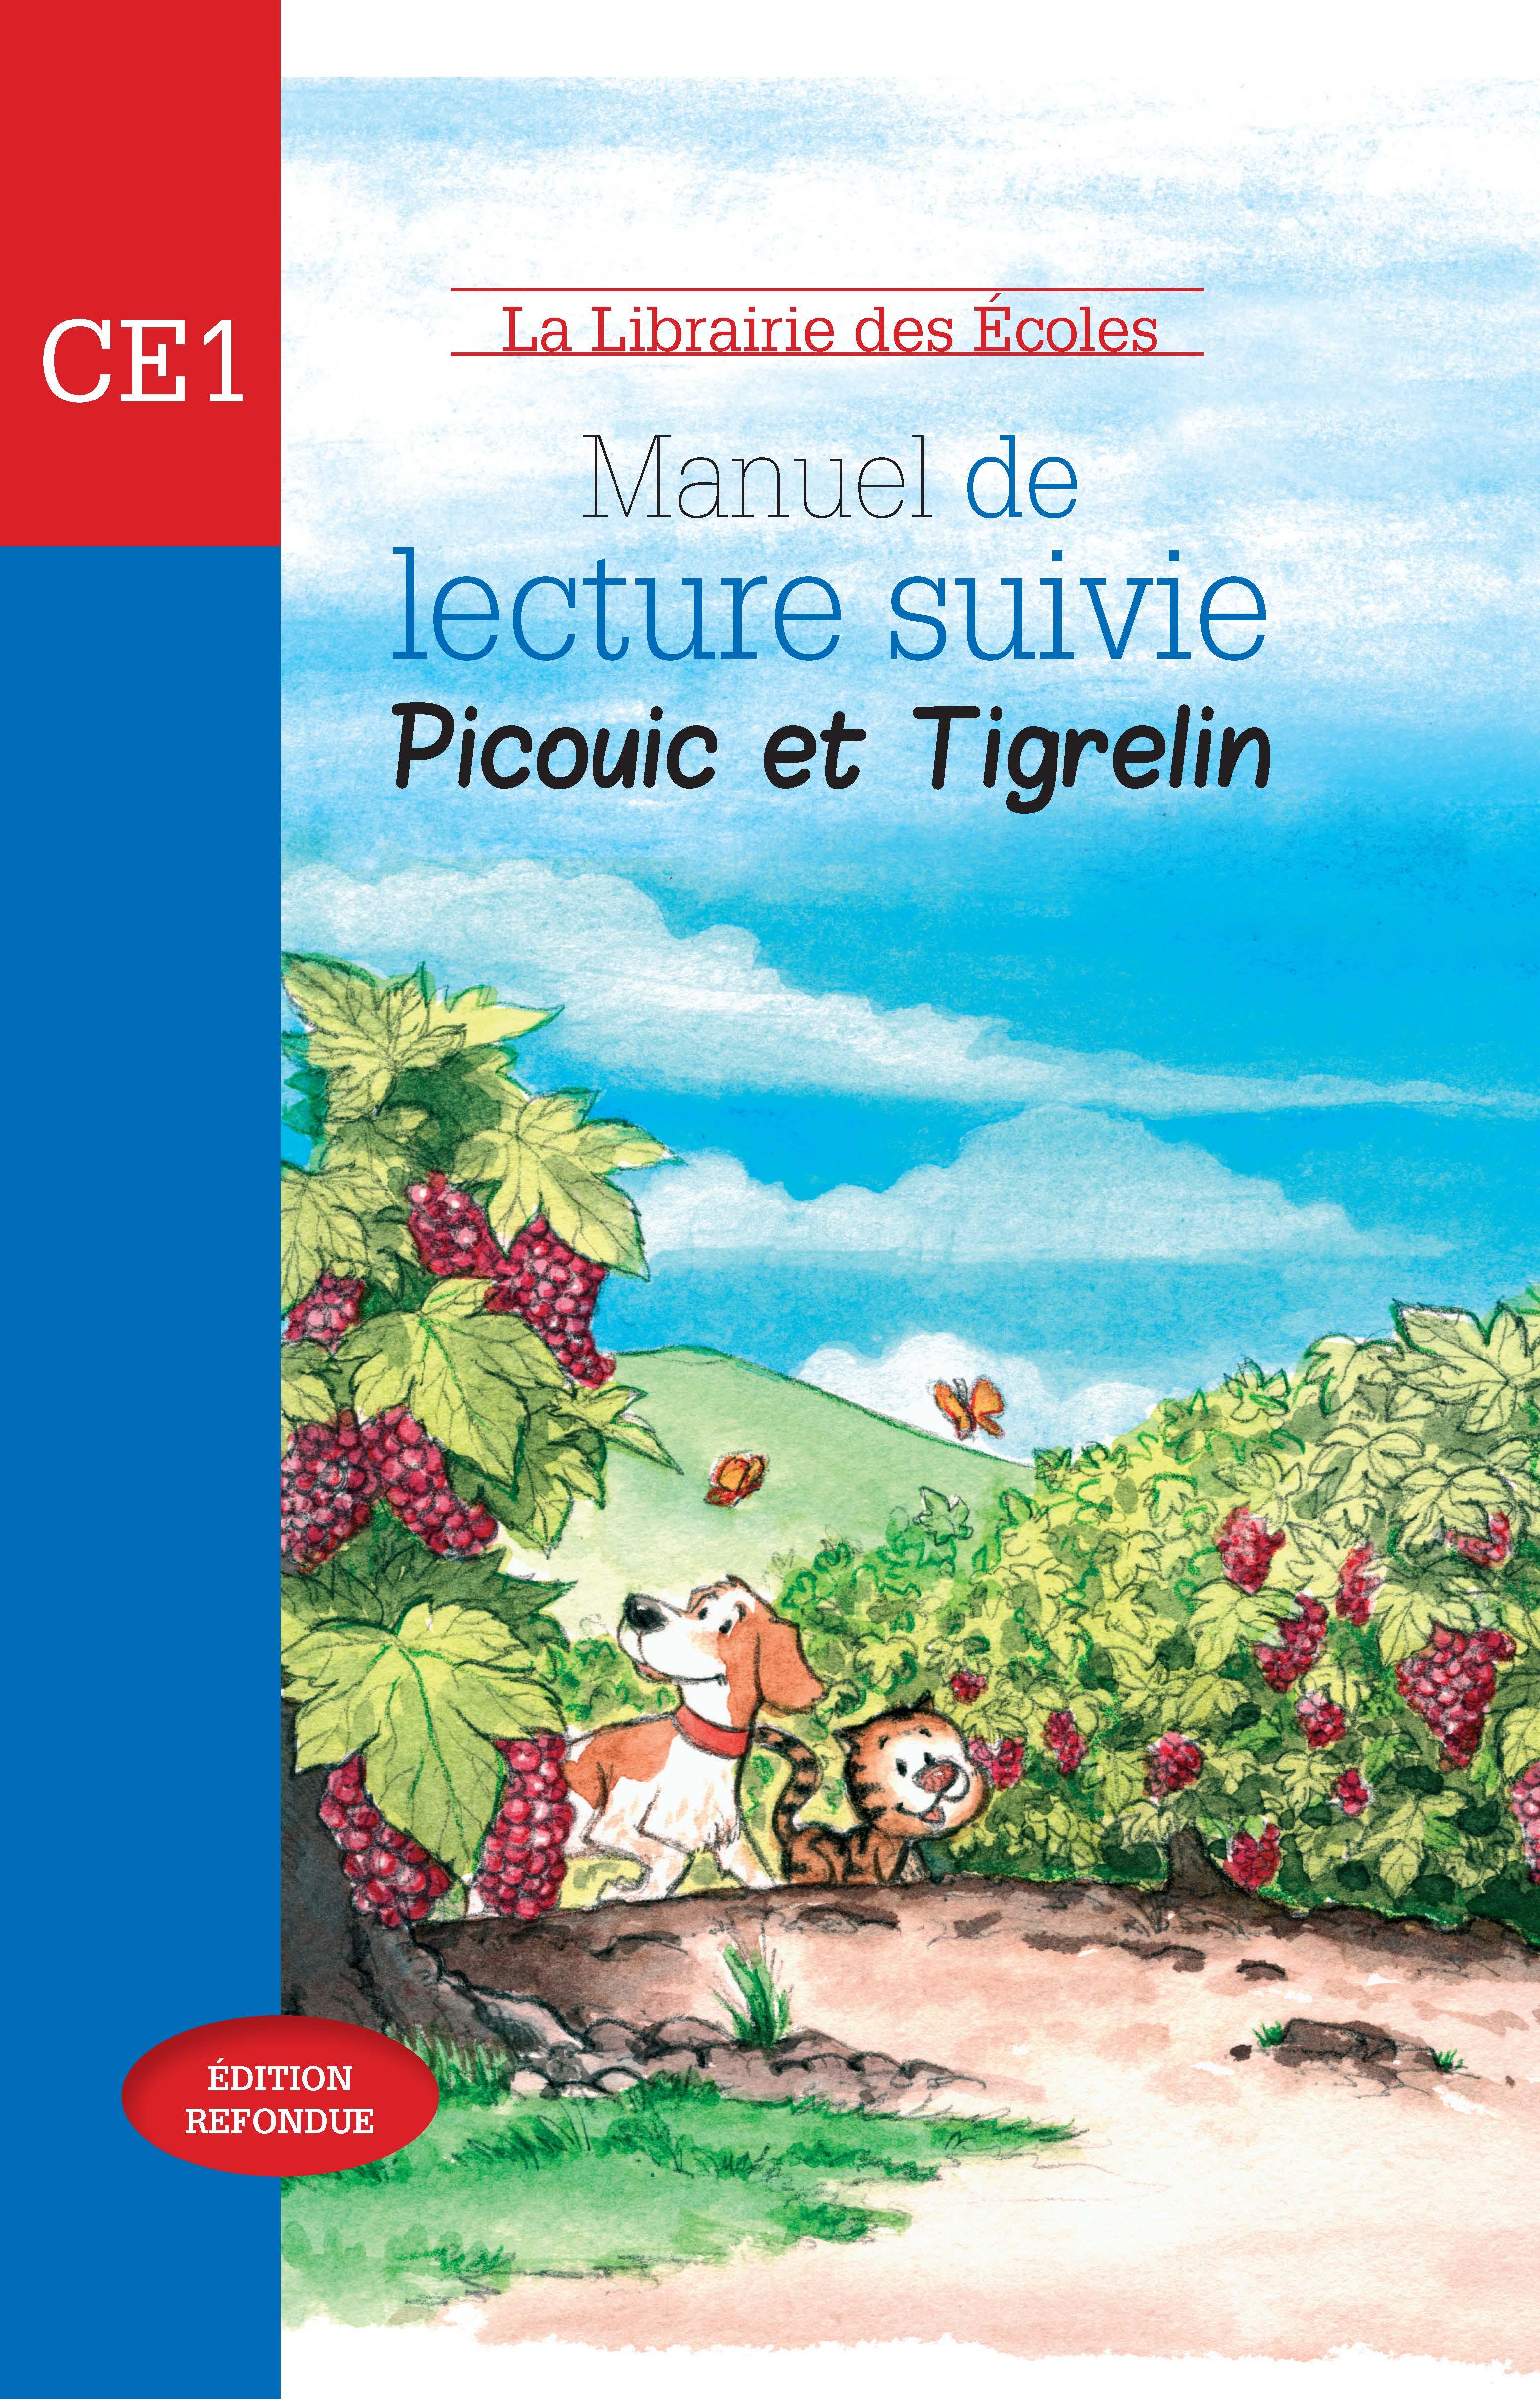 Manuel De Lecture Suivie Picouic Et Tigrelin